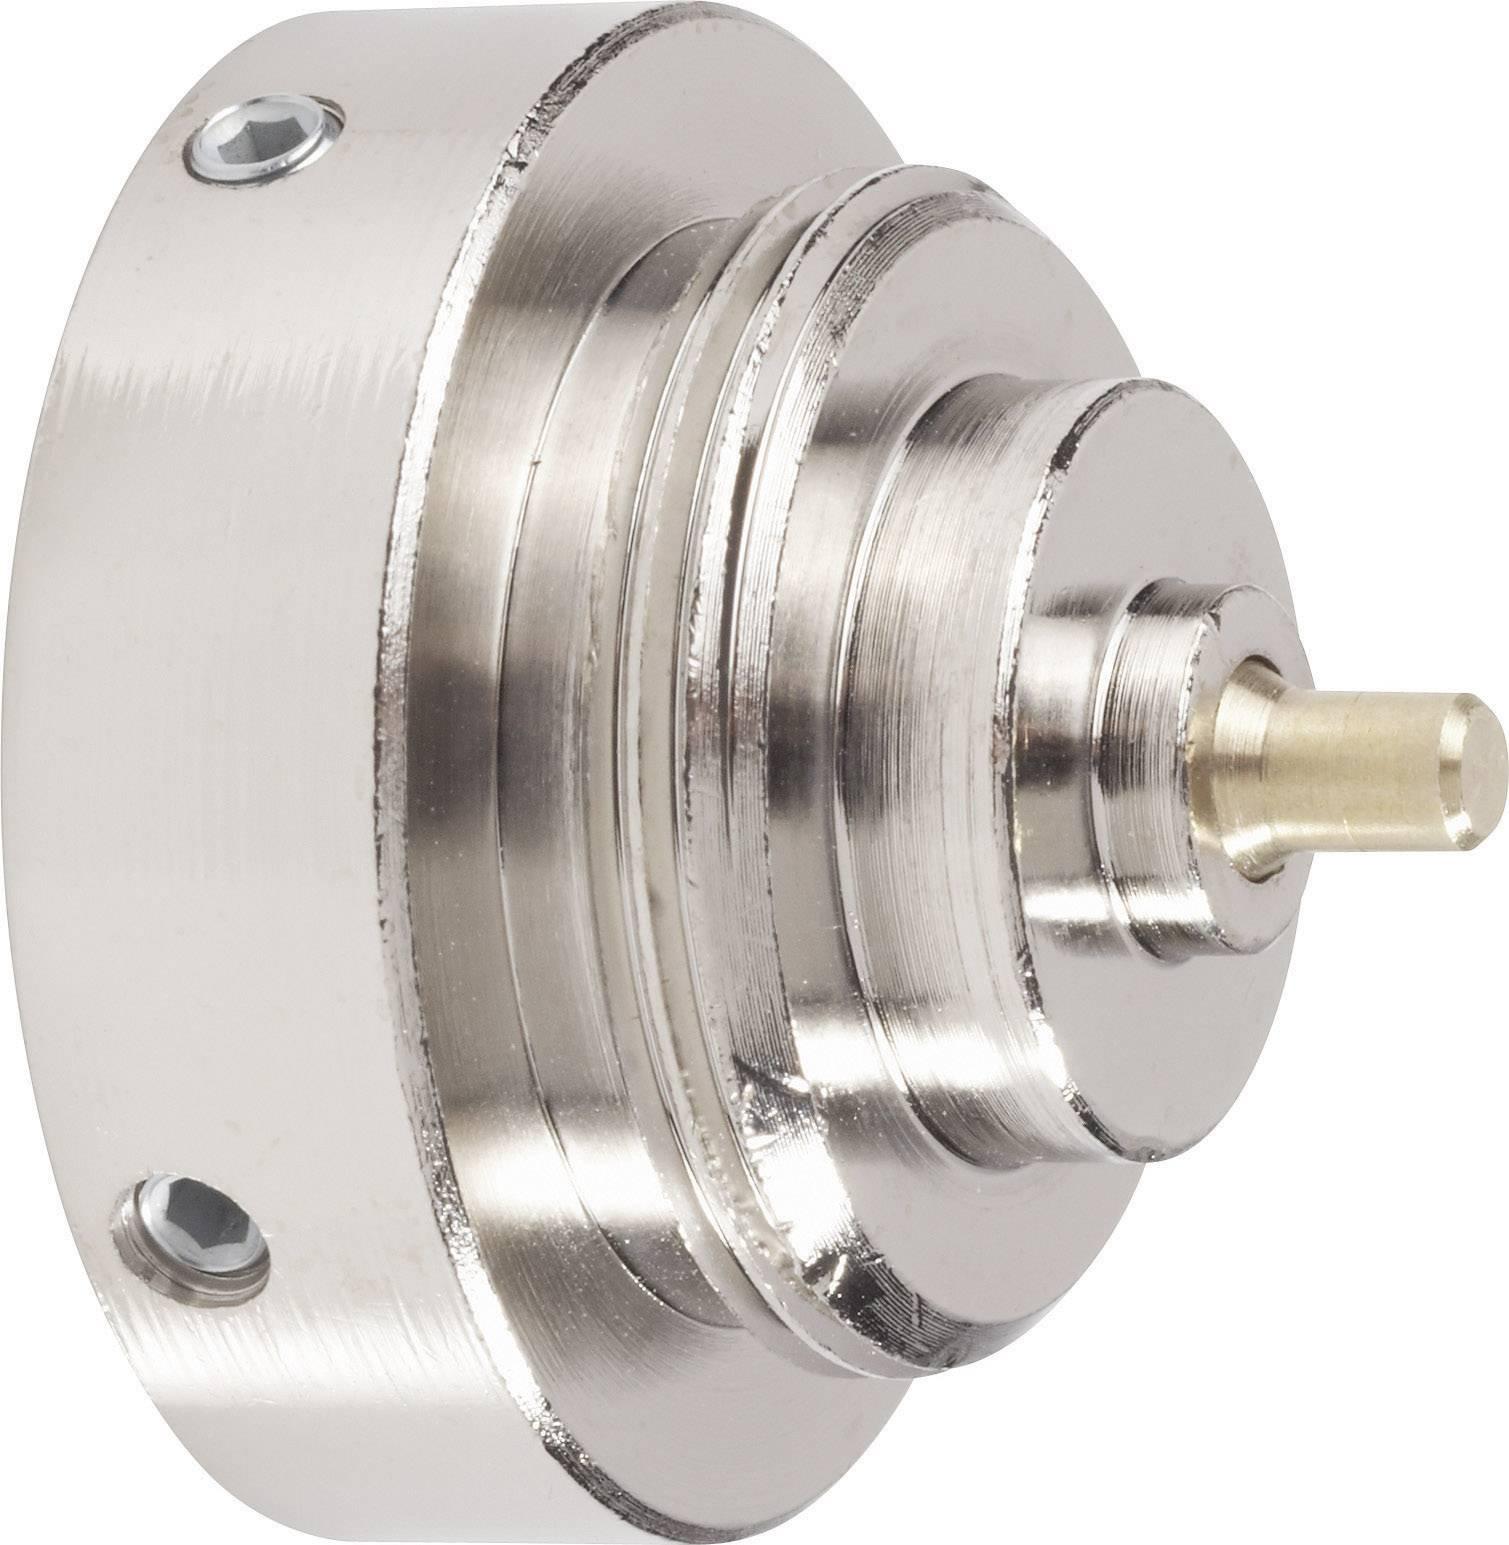 Mosadzný adaptér termostatu 700 100 008 vhodný pre DanfossRAV, 34 mm so 4 vrúbkami